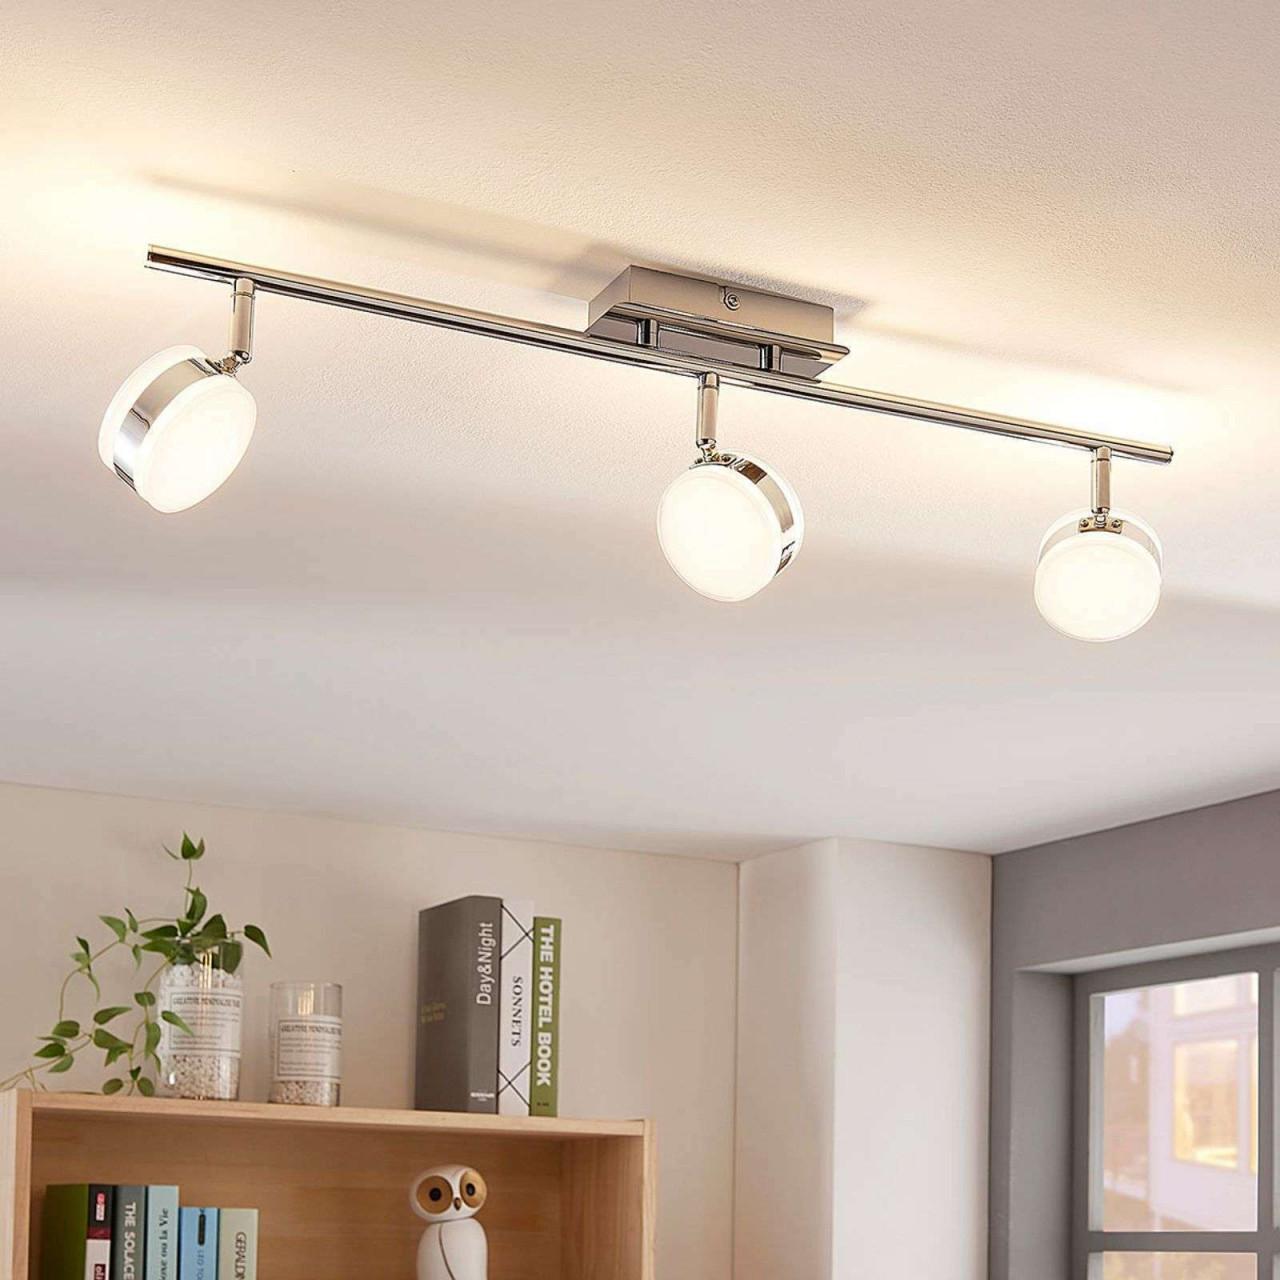 Innenbeleuchtung Küche Haushalt  Wohnen Strahler Modern von Lampe Led Wohnzimmer Photo